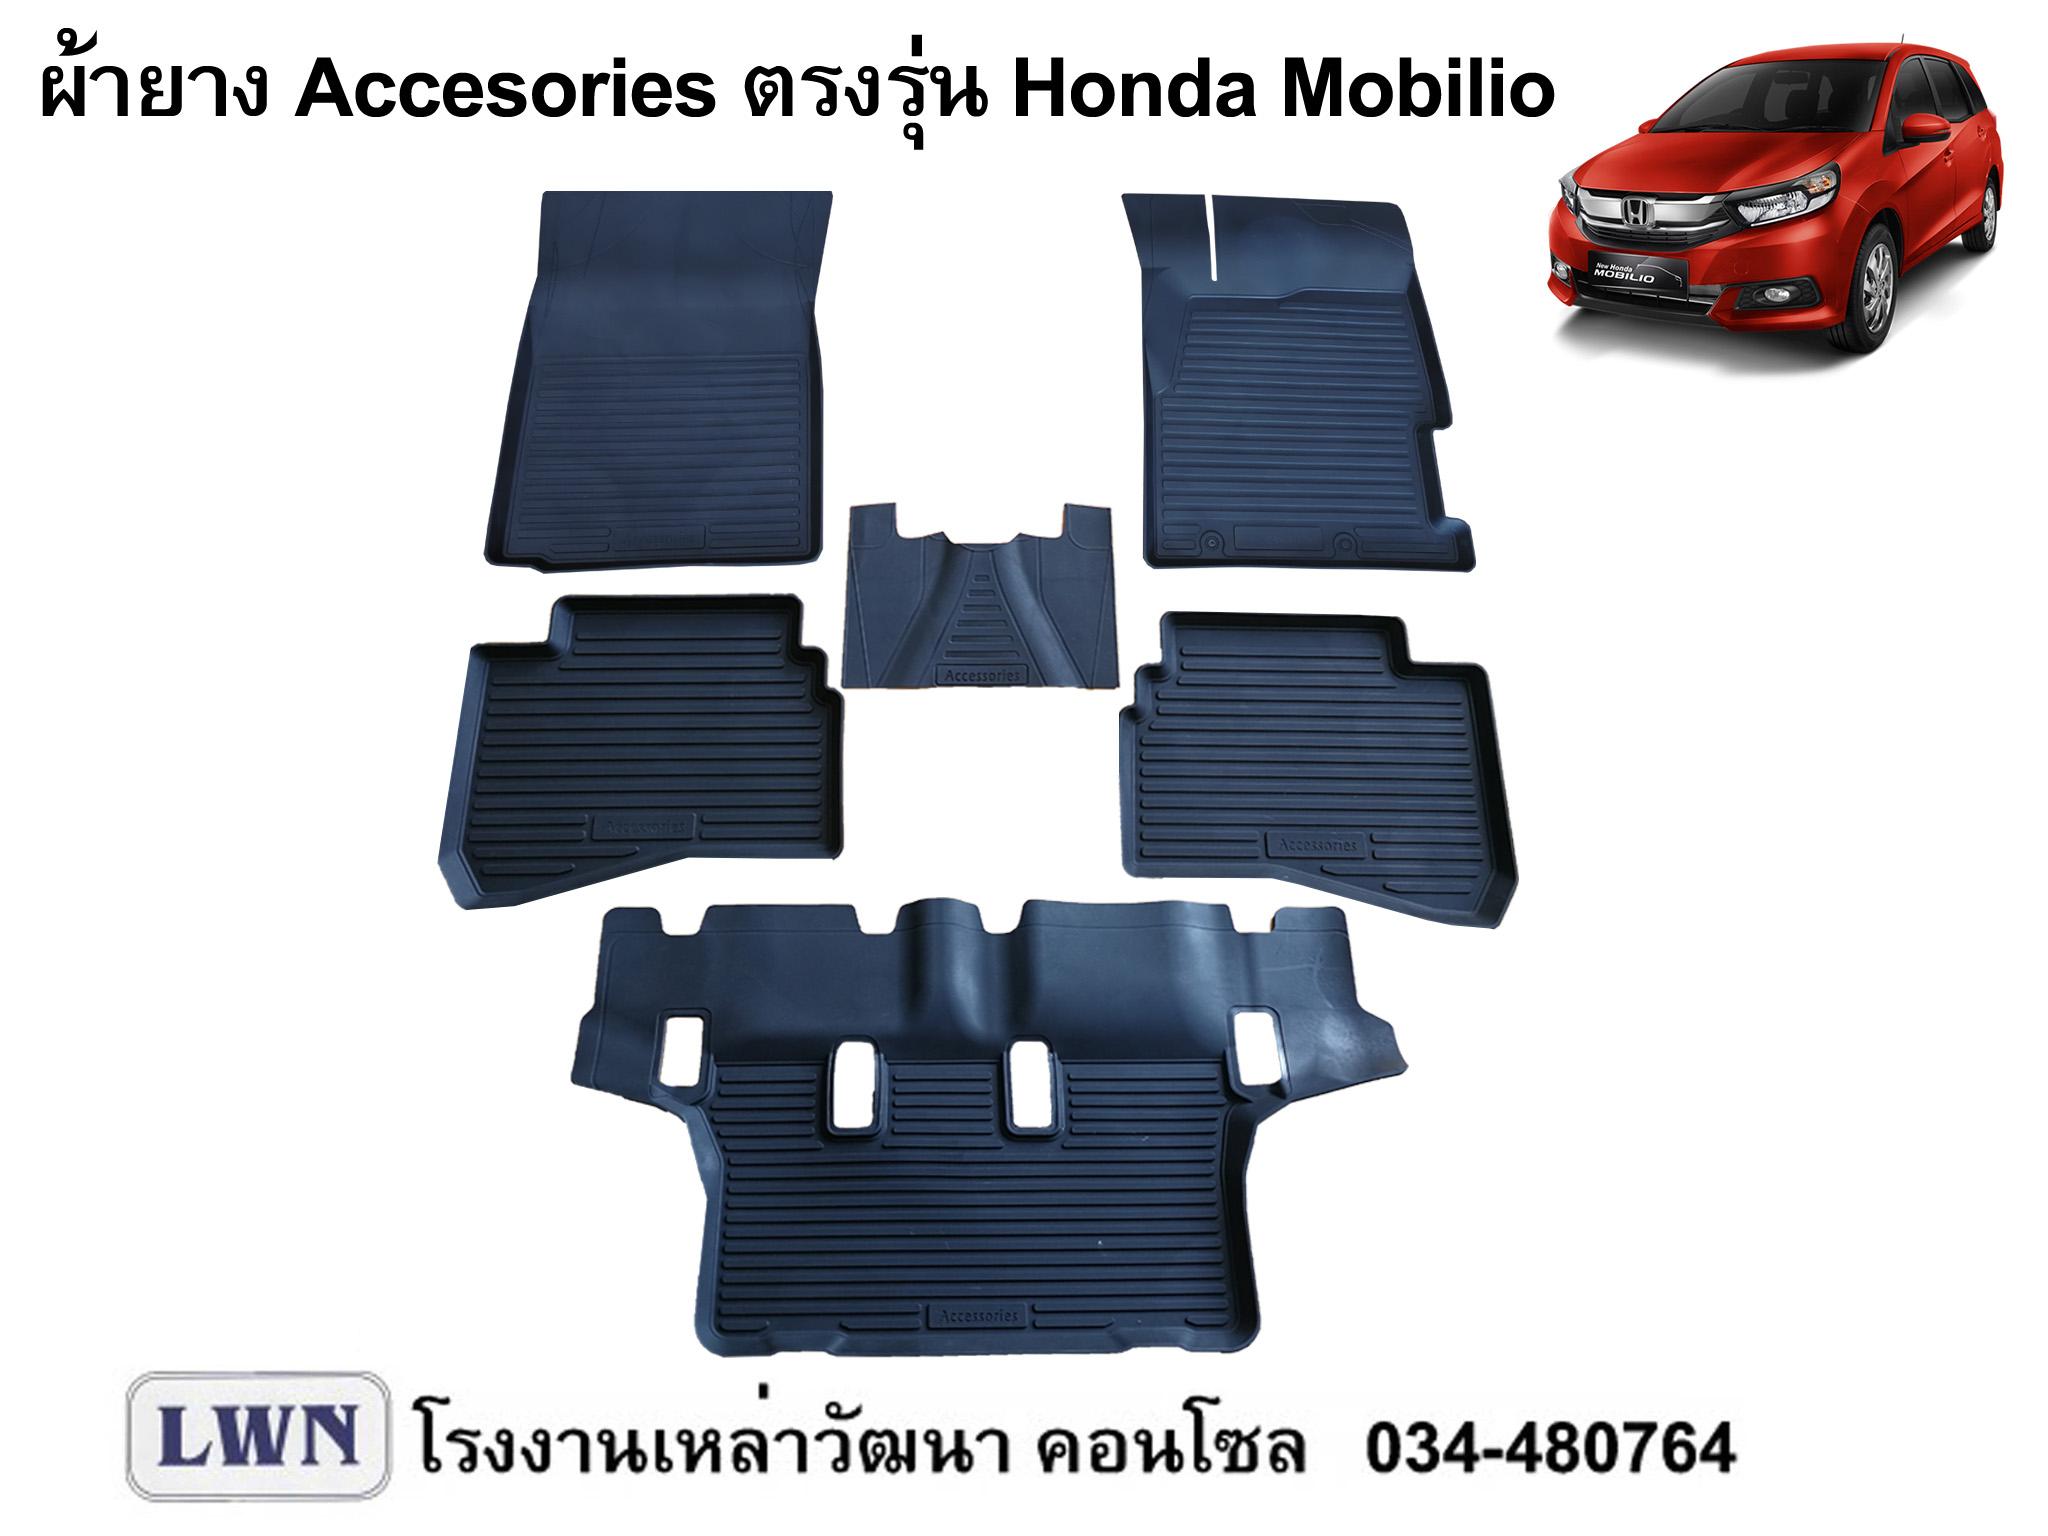 ACC-Honda Mobilio